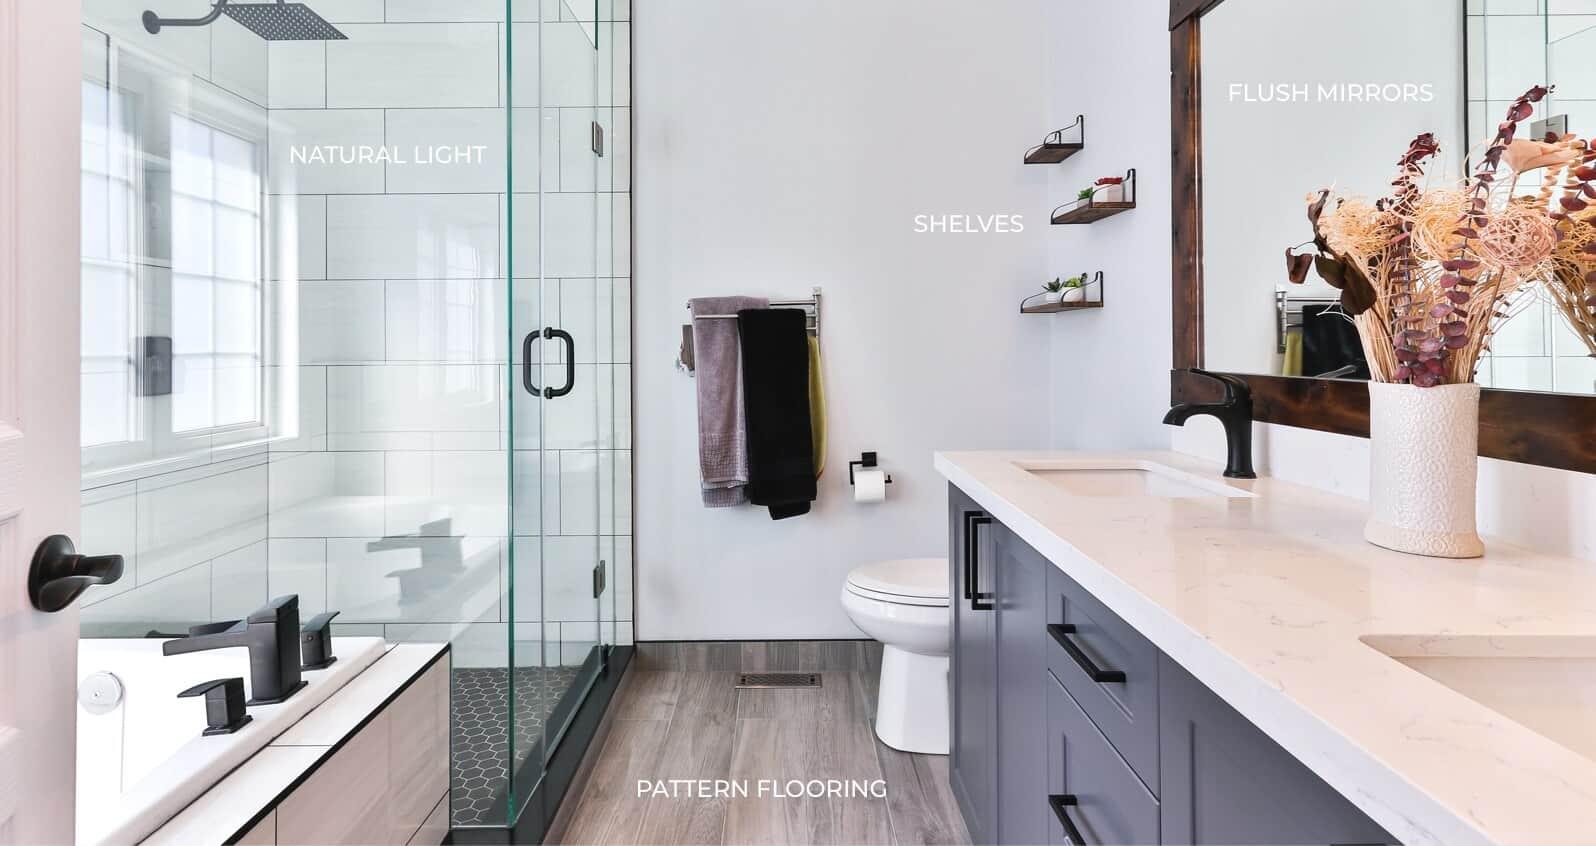 รีโนเวทปรับแต่งห้องน้ำ บริษัทรับออกแบบรีโนเวทบ้าน รับออกแบบตกแต่งภายในบ้าน รับสร้างบ้าน รับเหมาก่อสร้าง